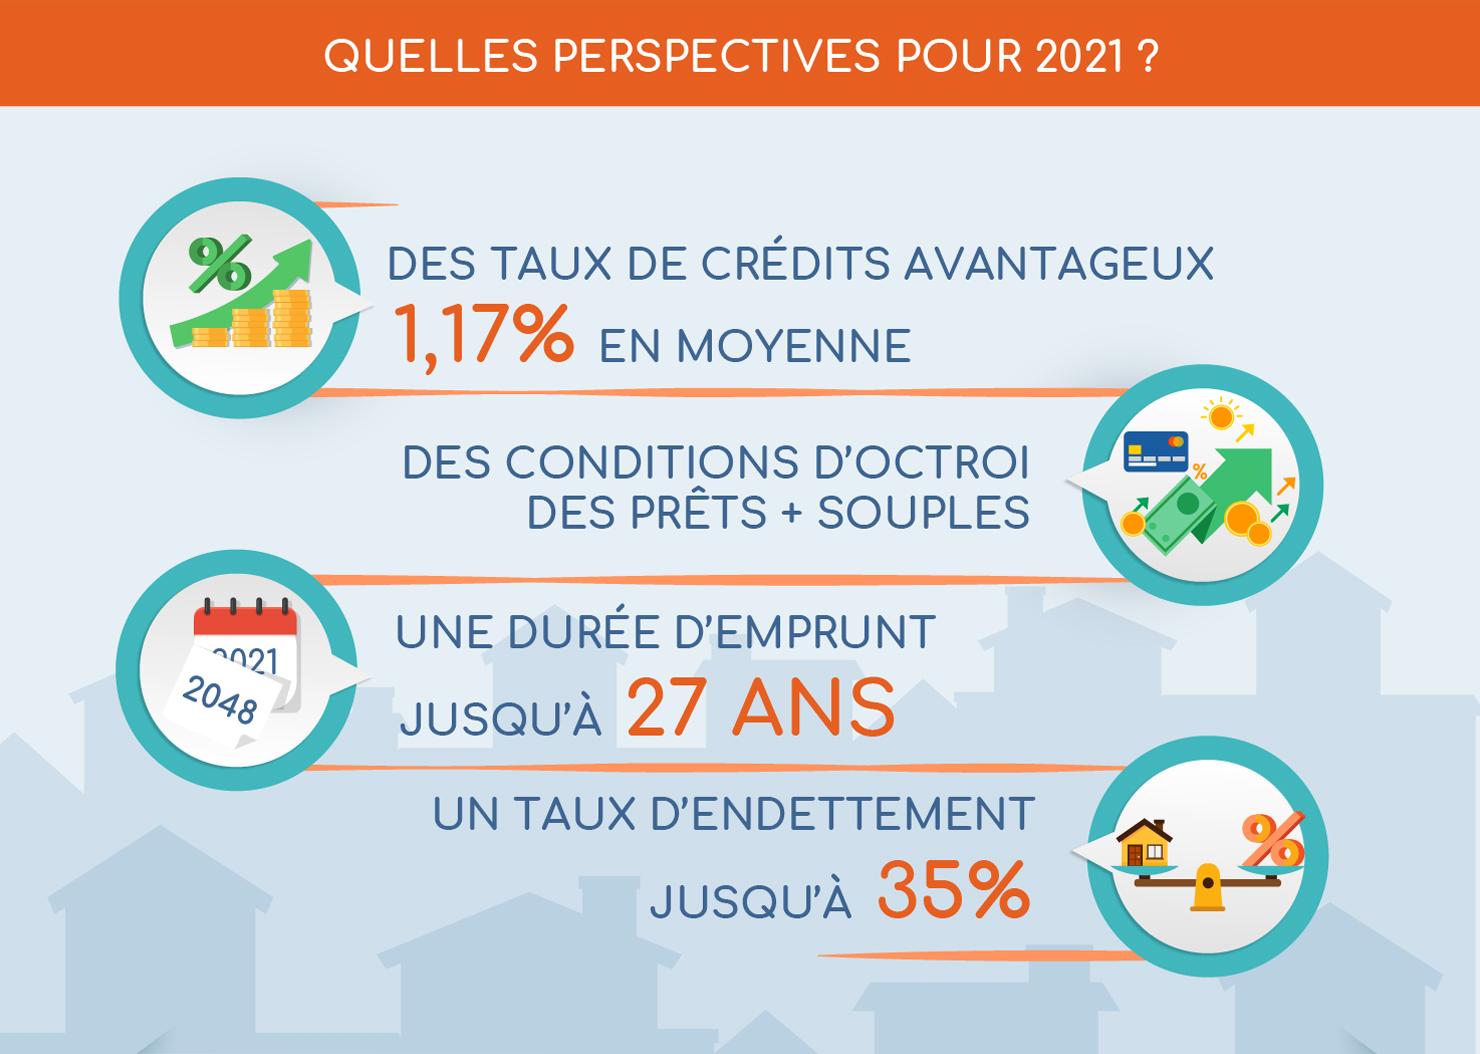 Les perspectives du marché immobilier en 2021 - Infographie BienEstimer® by SAFTI